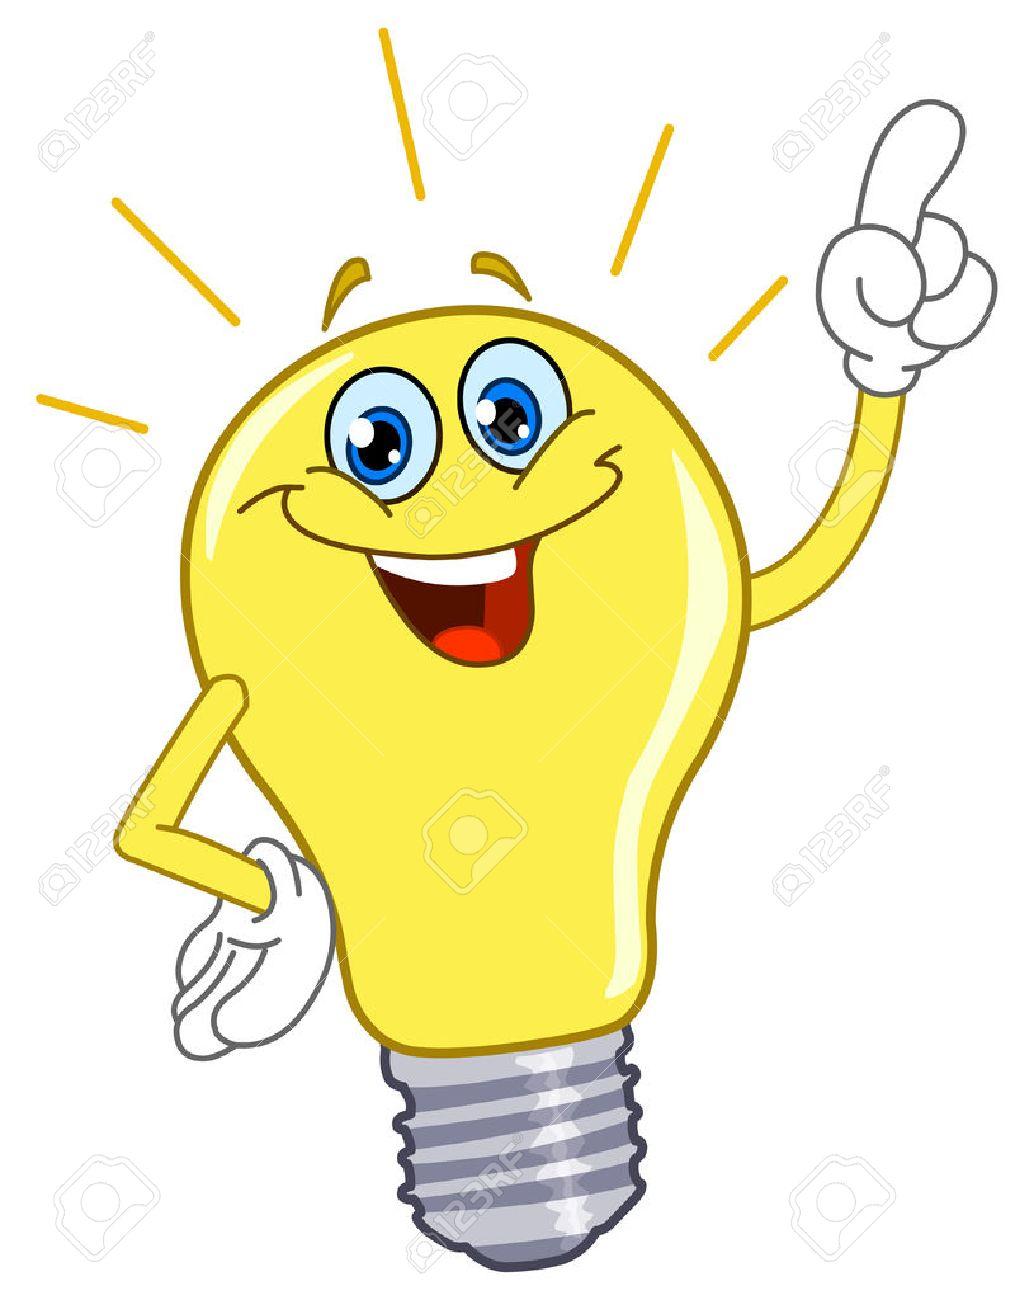 Cartoon light bulb - 8524809